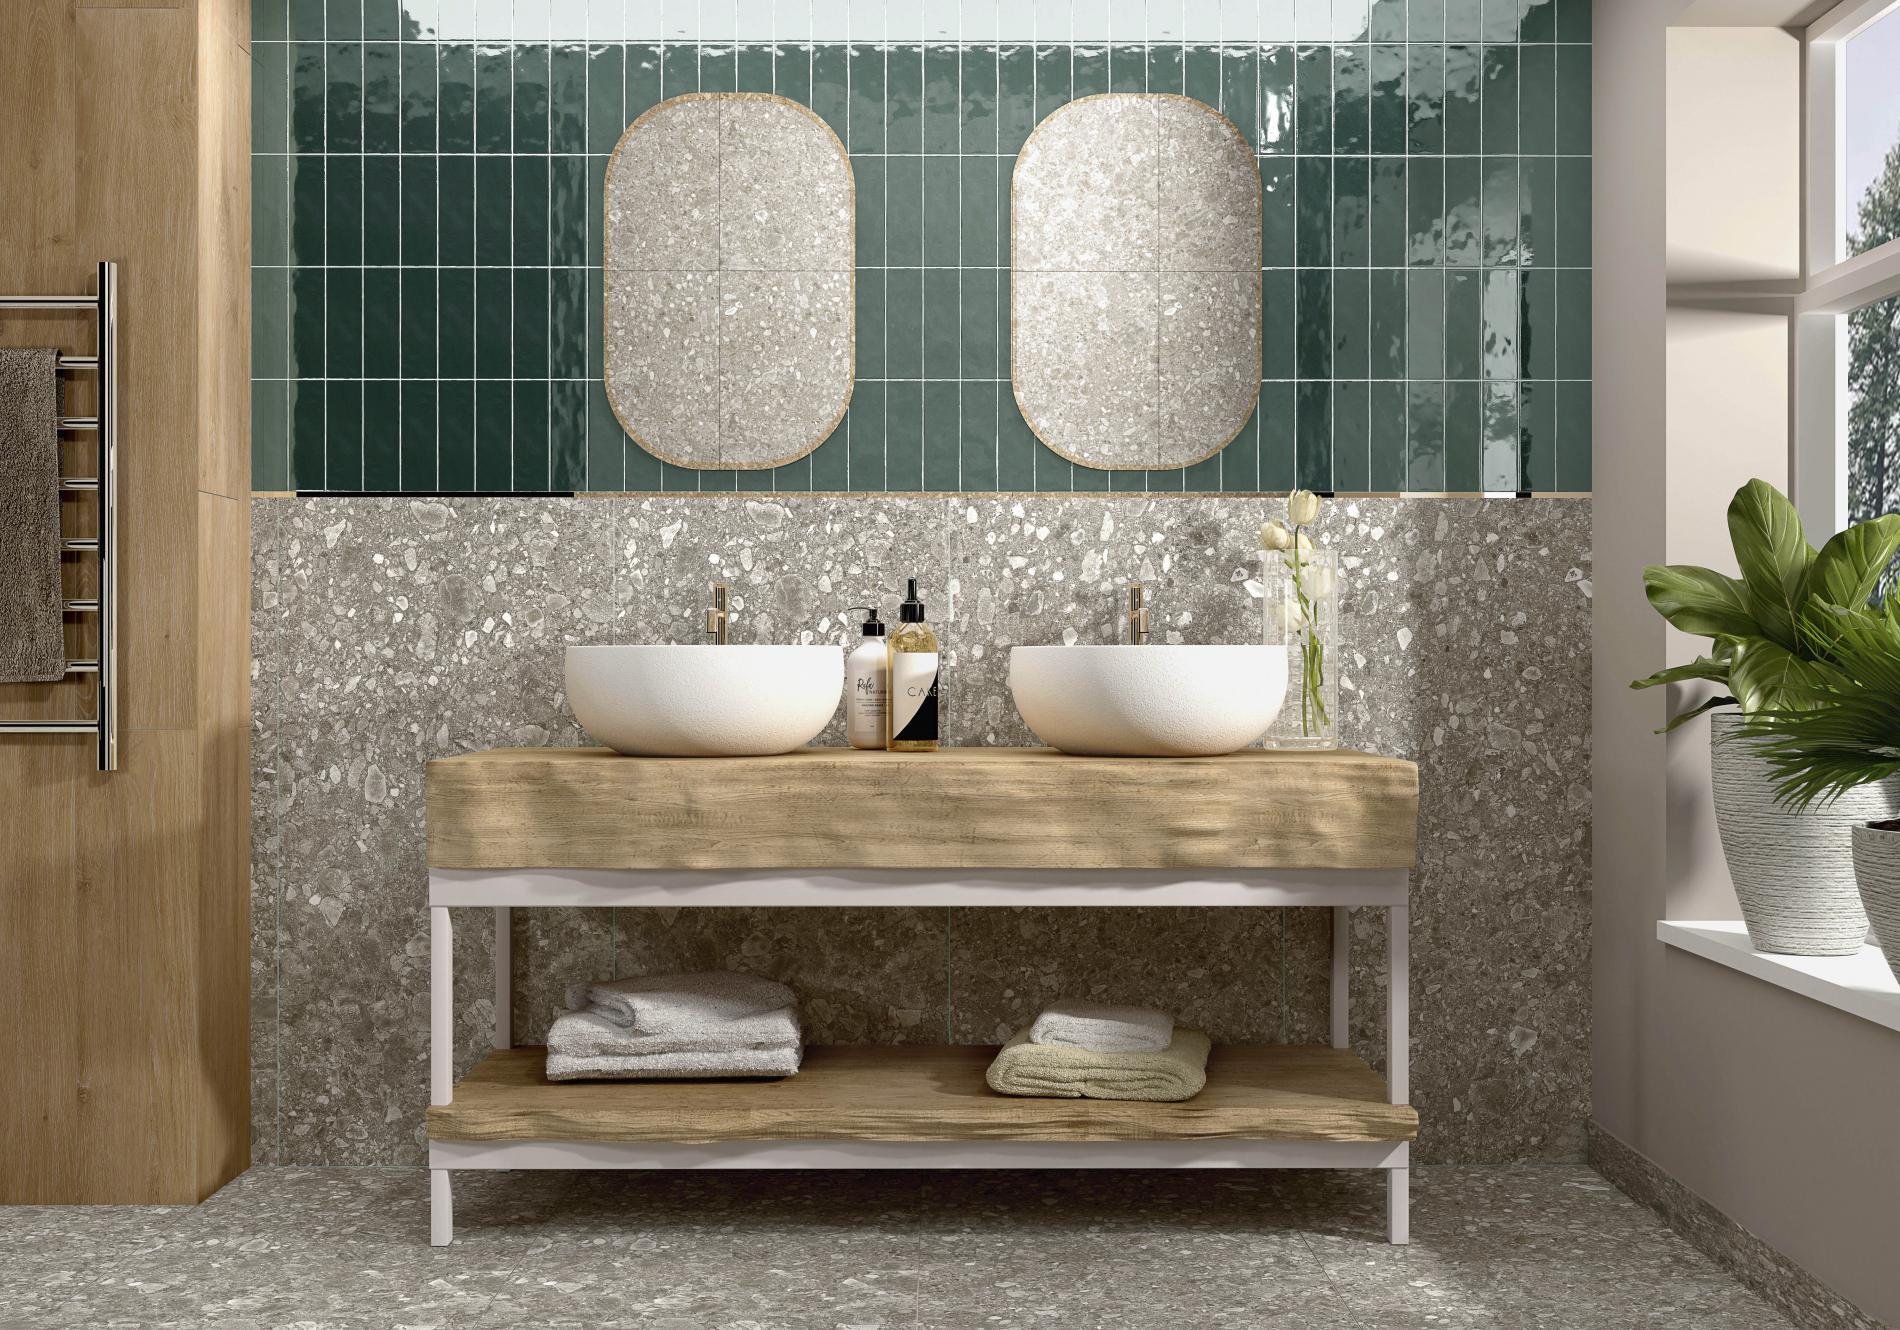 Łazienka z dwoma białymi umywalkami nablatowymi, dwoma lustrami i płytkami At.Urbex Arena